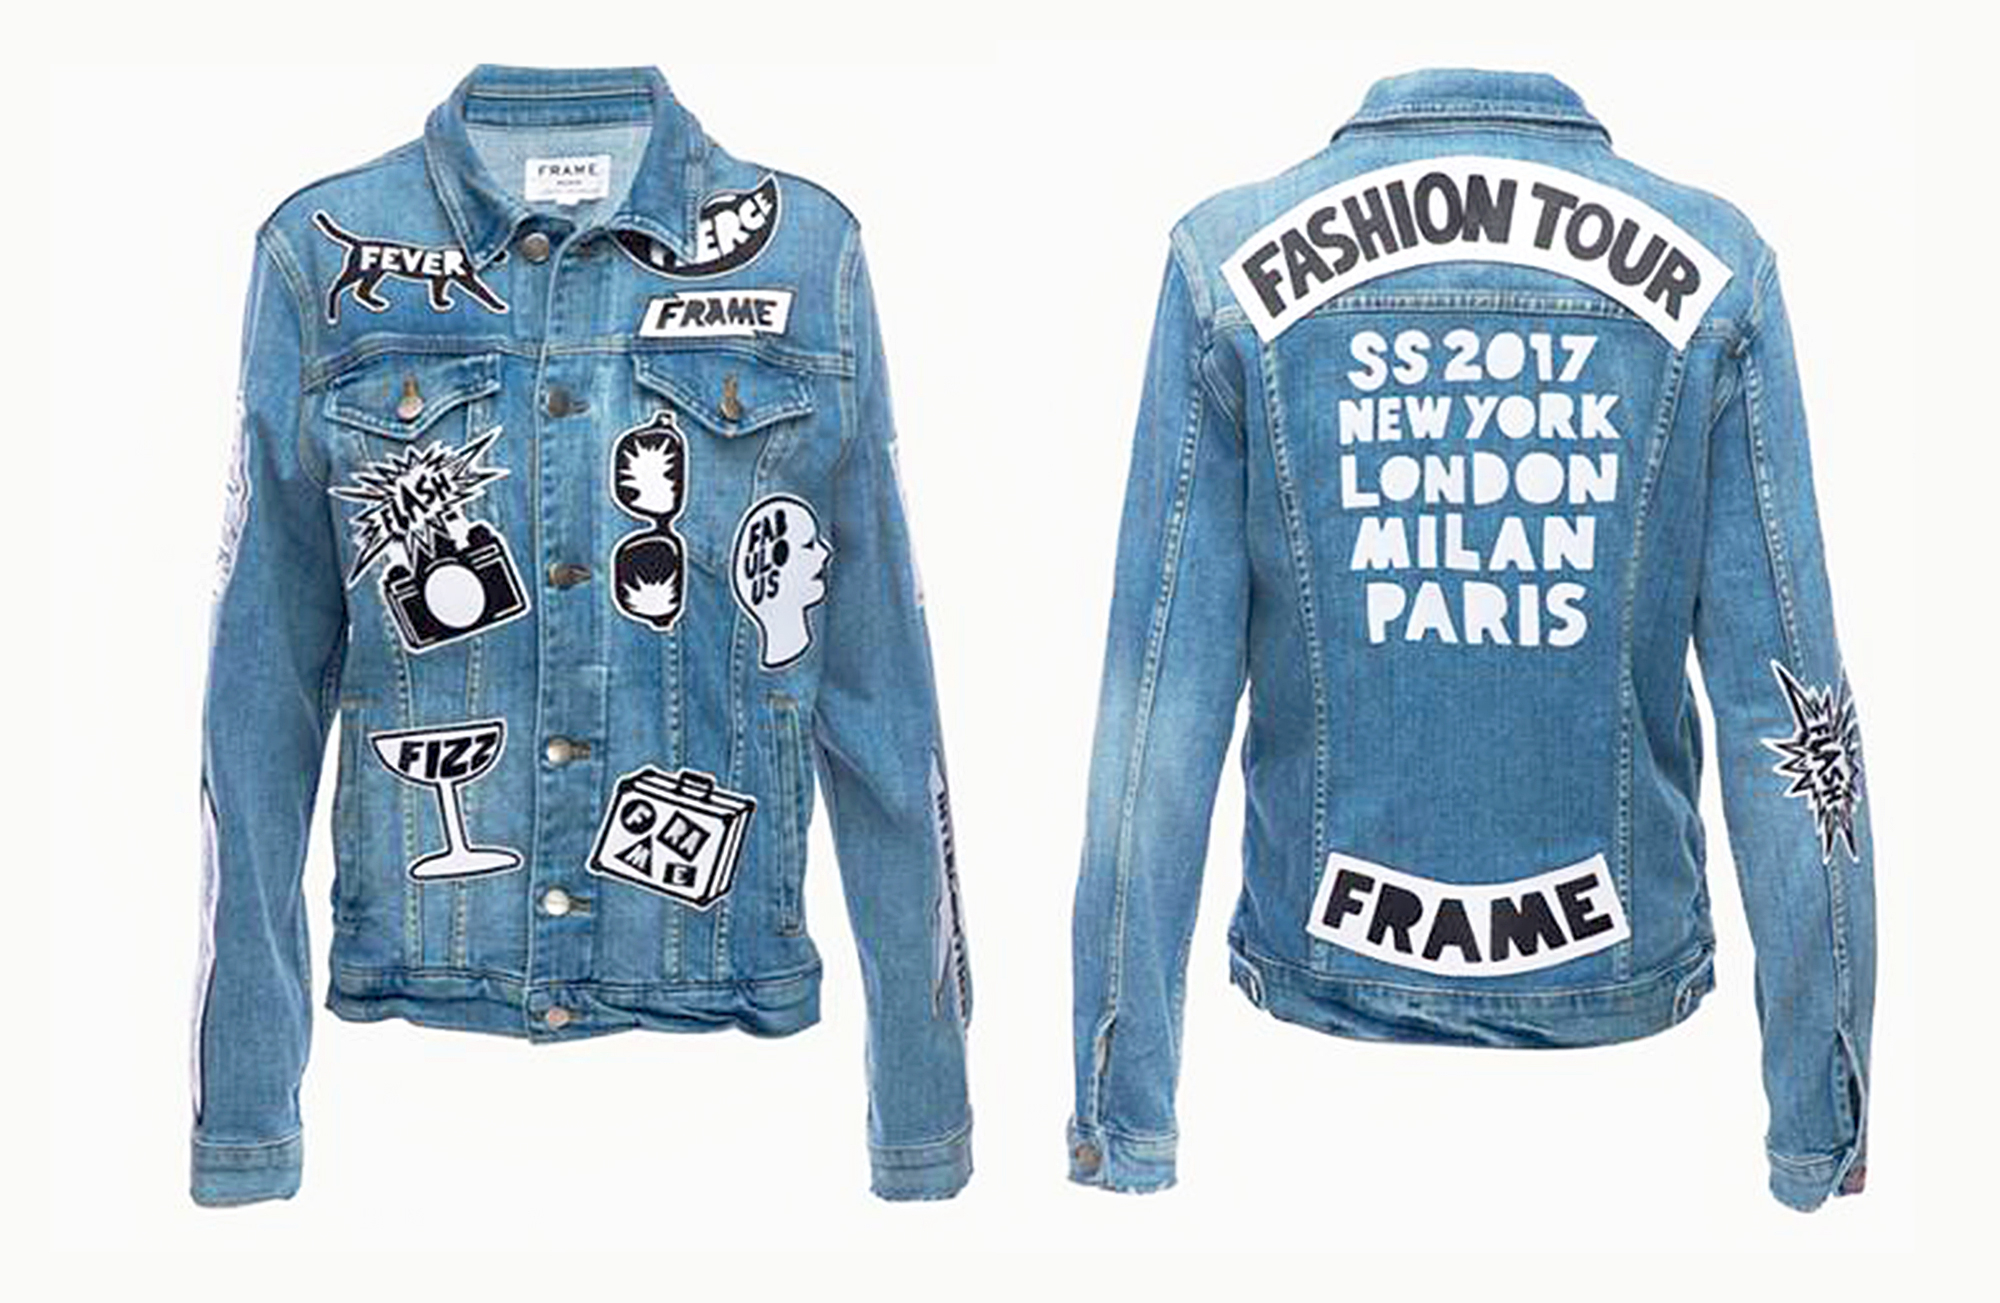 Frame's Fashion Tour jacket